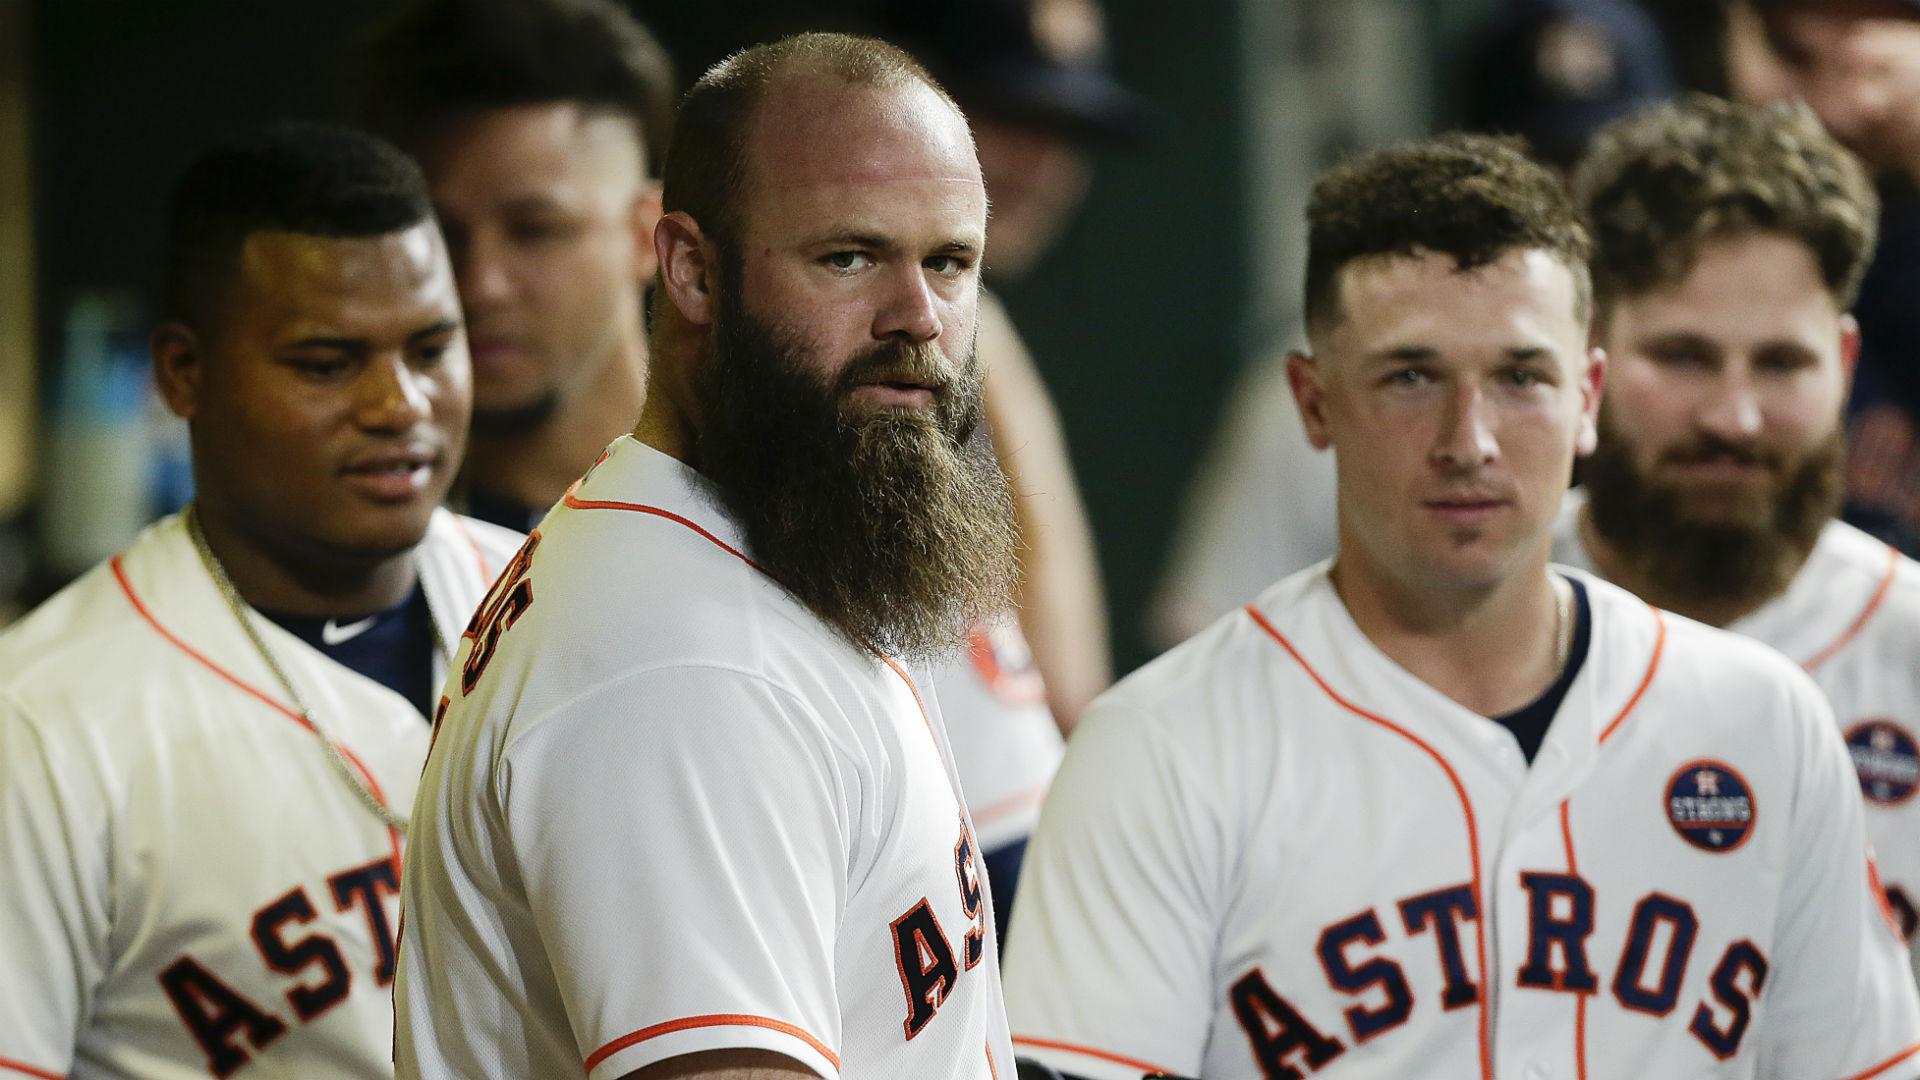 El ex toletero de los Astros, Evan Gattis, explica la compra del vidrio 'soplones consigue puntadas' con Mike Fiers 7